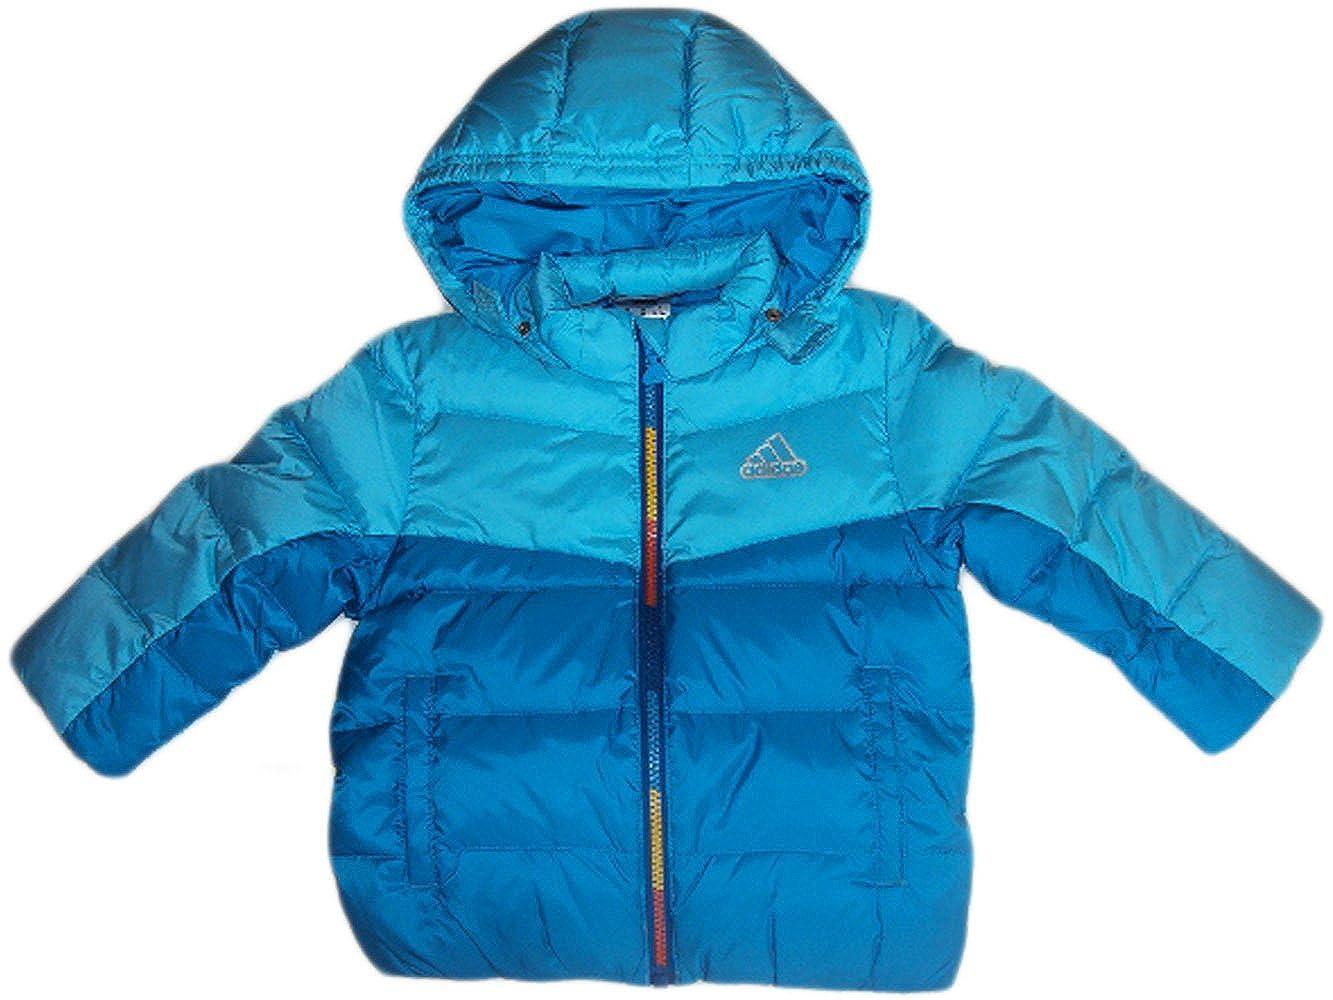 adidas Winterjacke Daunen Jungen Kinderjacke Jacke (80